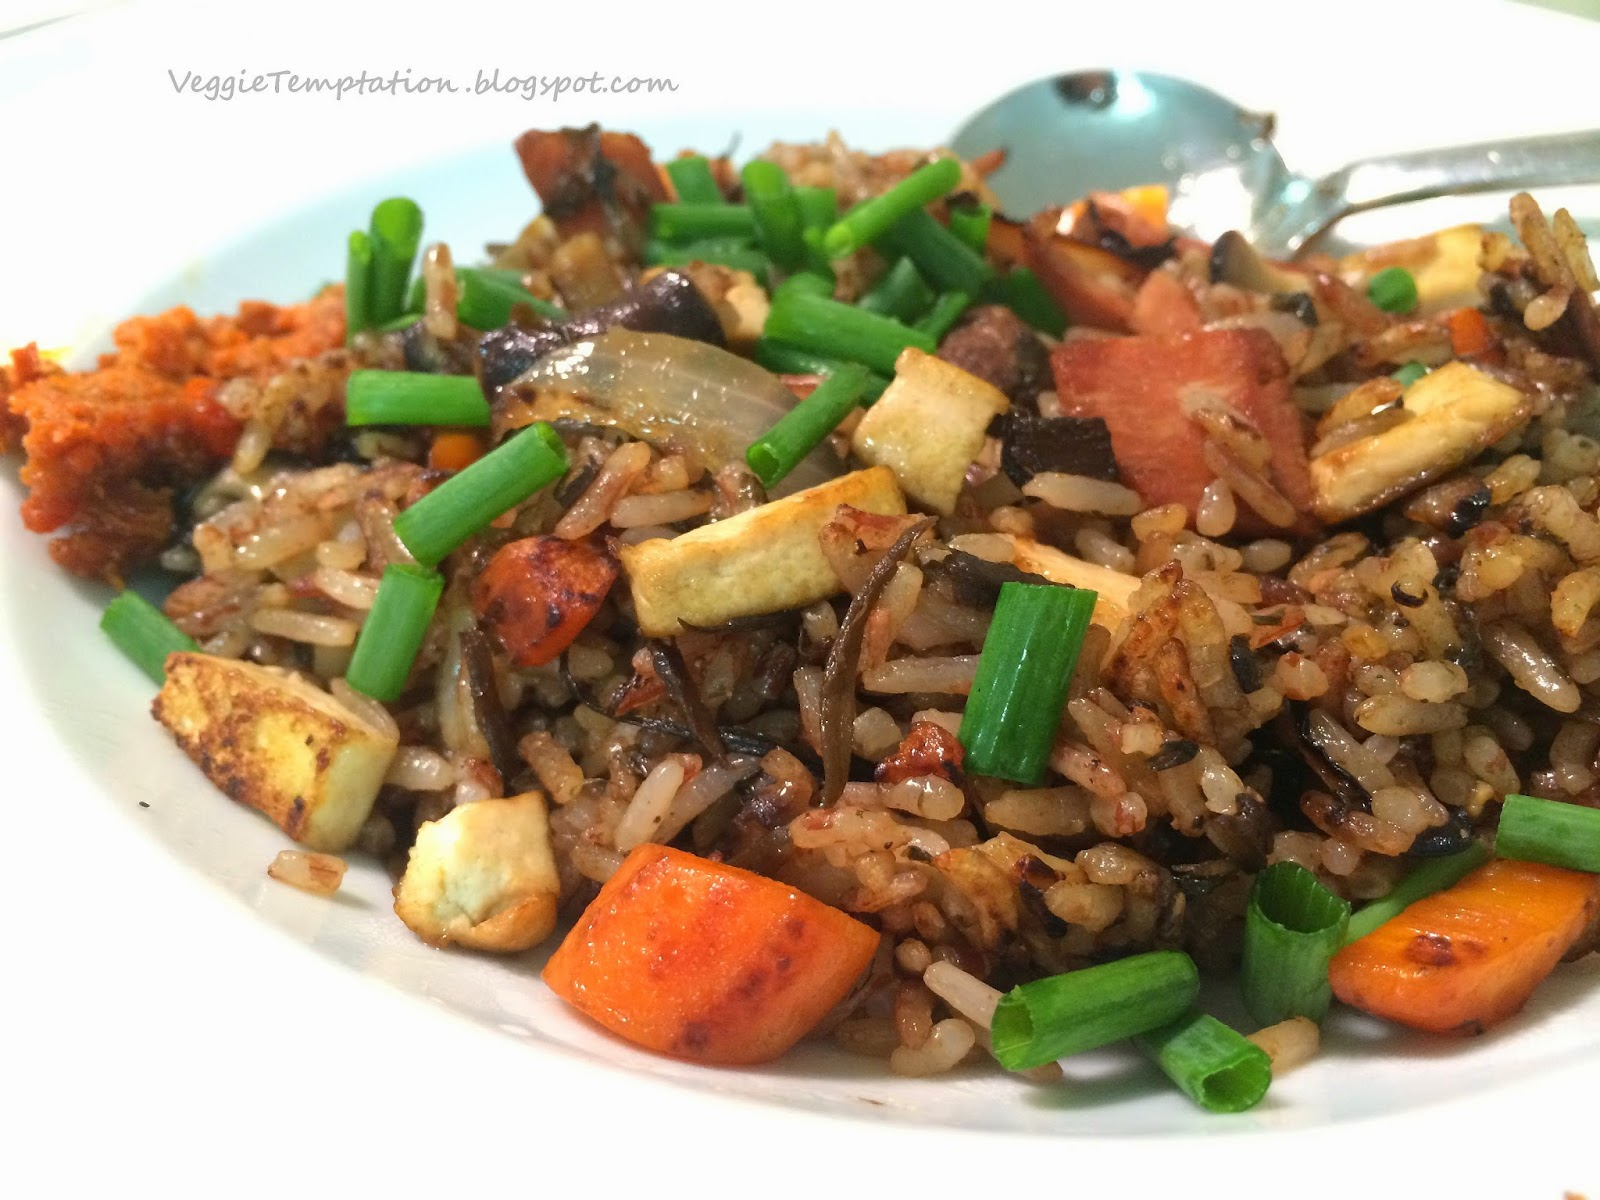 veggie temptation veganvegetarian olive fried rice veganvegetarian olive fried rice ccuart Choice Image